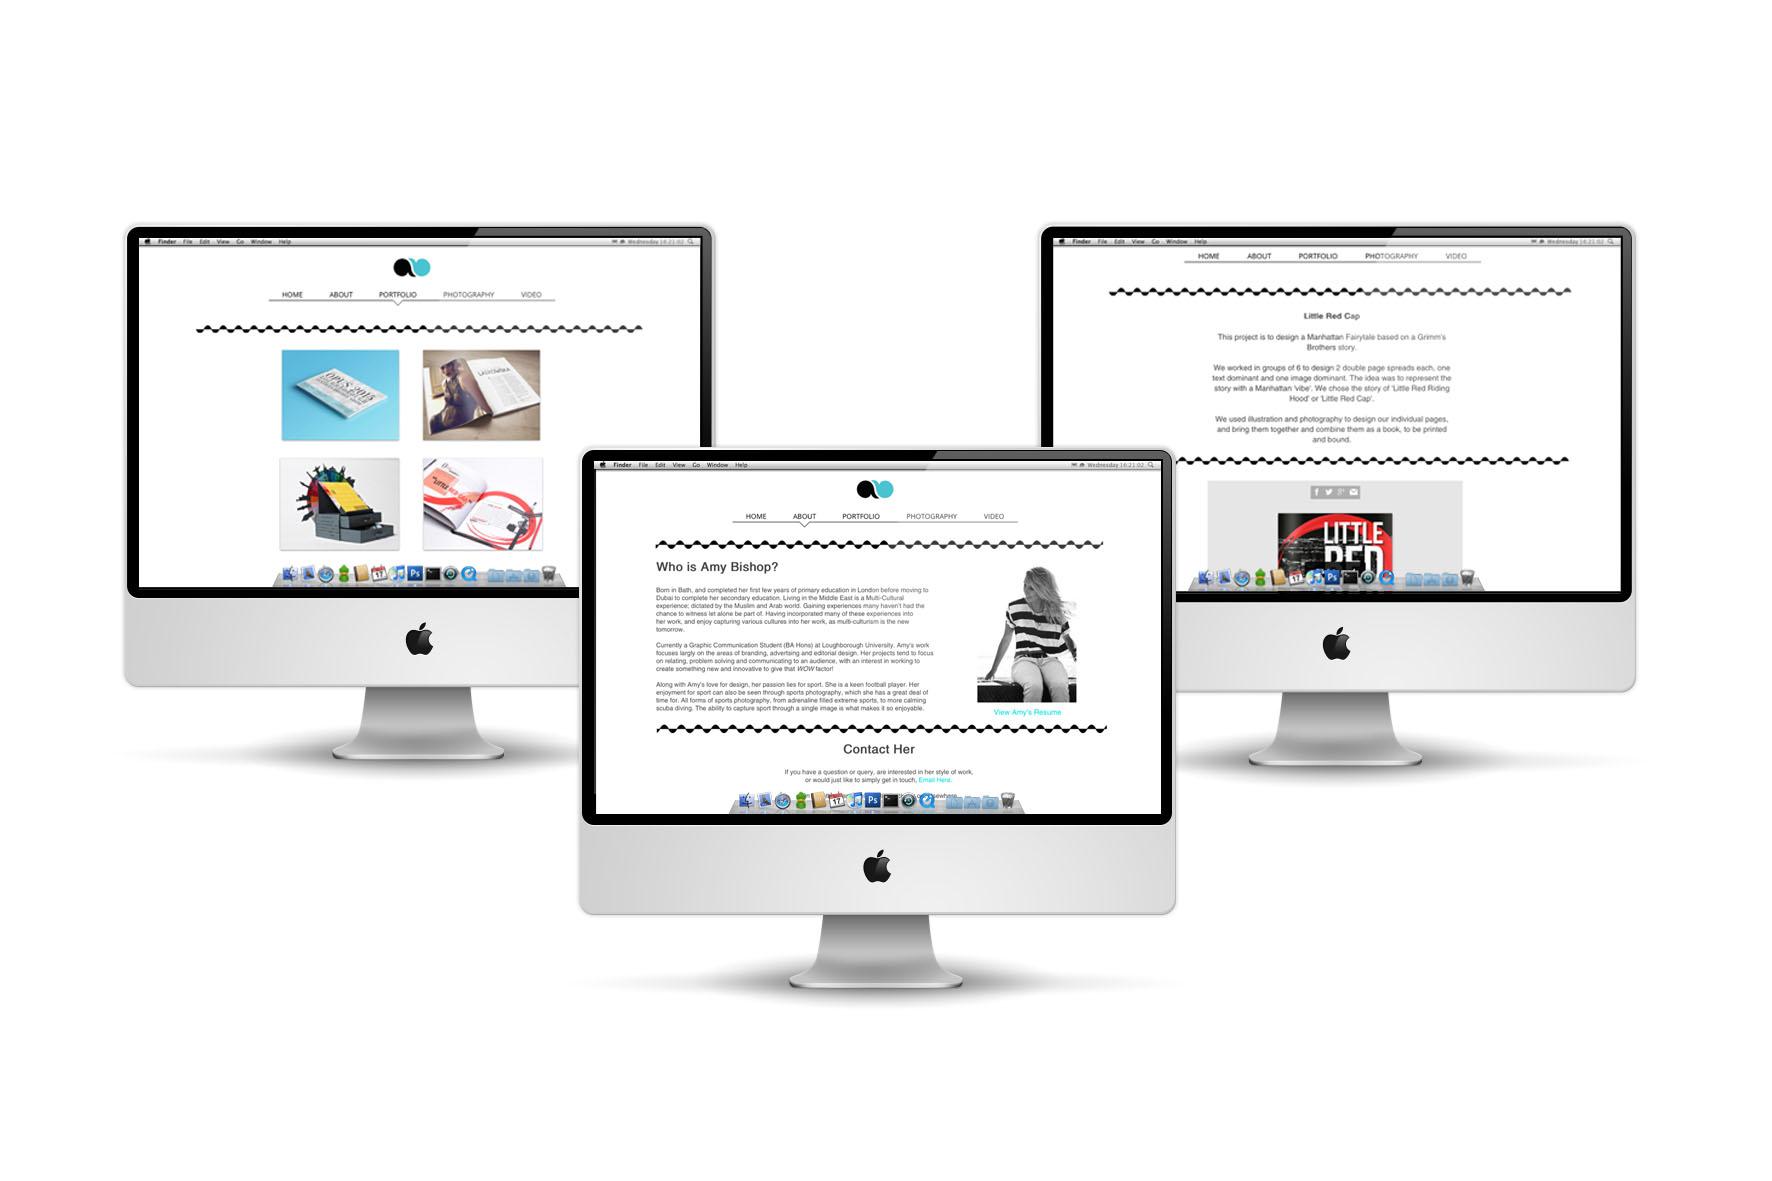 Mac website mockup.jpg